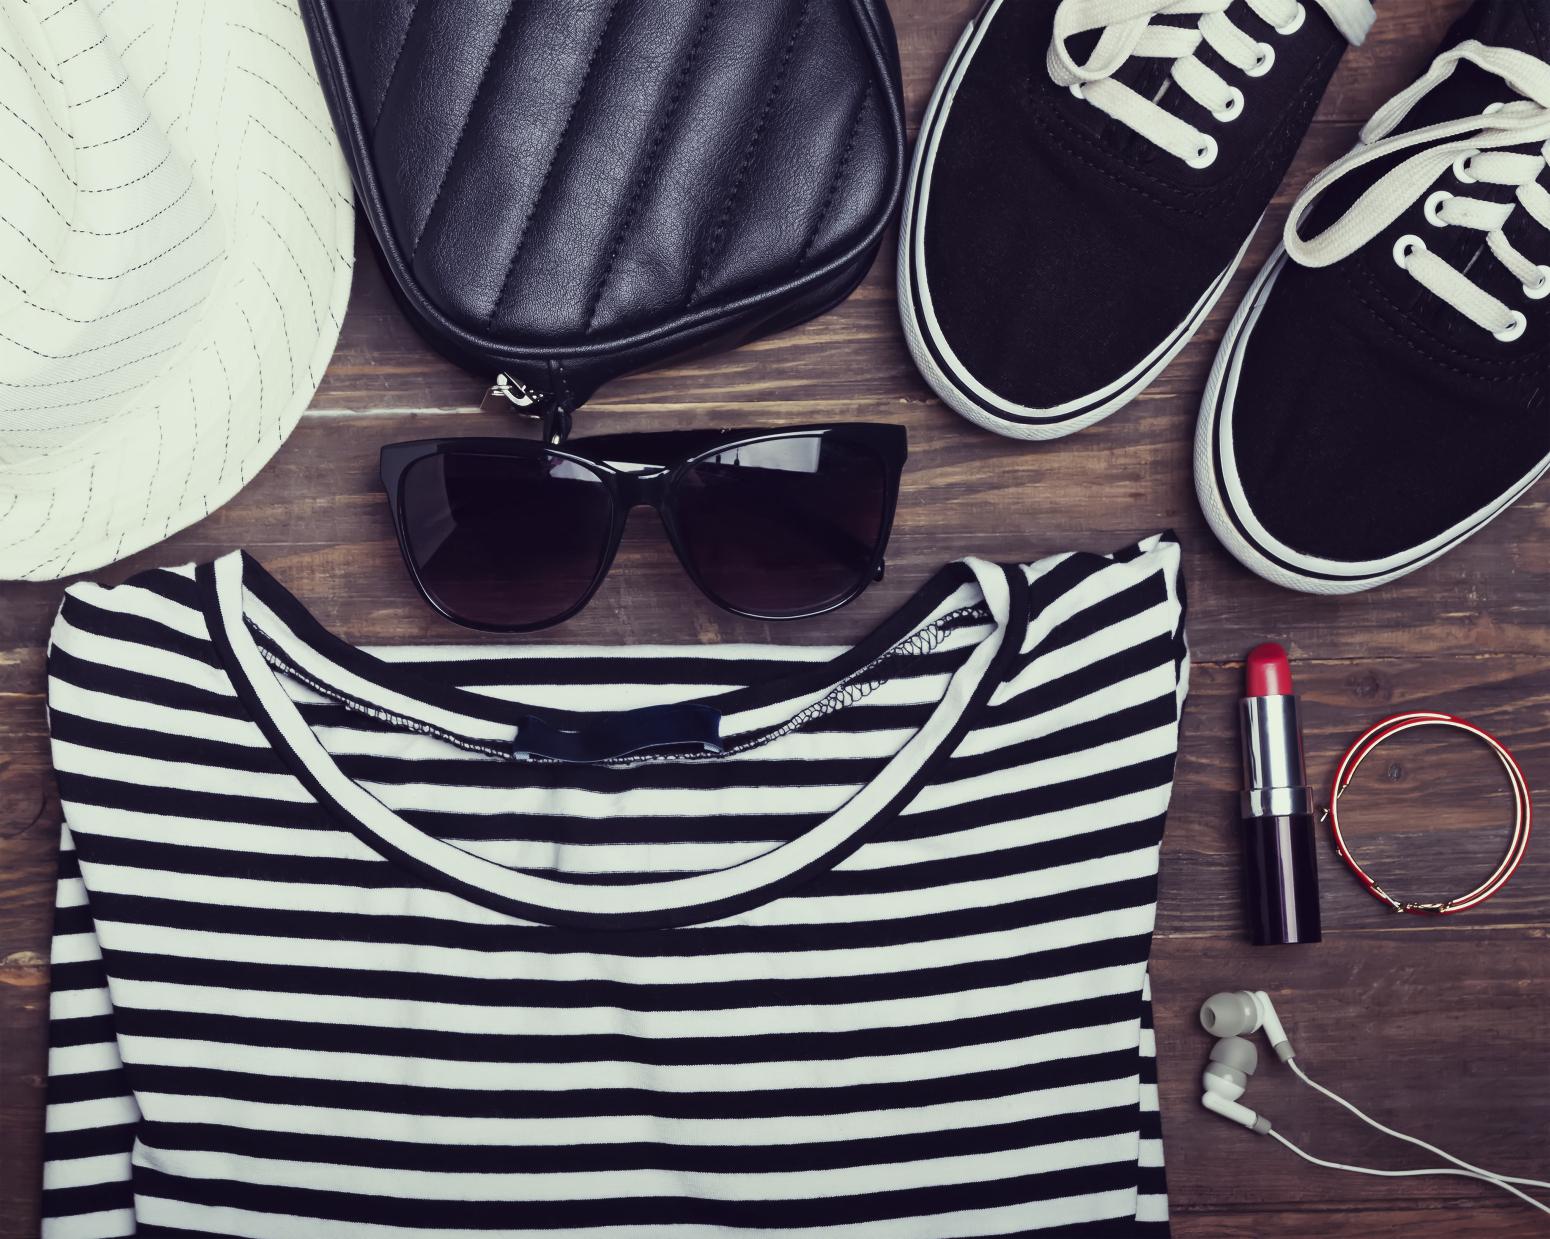 افزایش عمر لباس ها با این 6 روش ساده